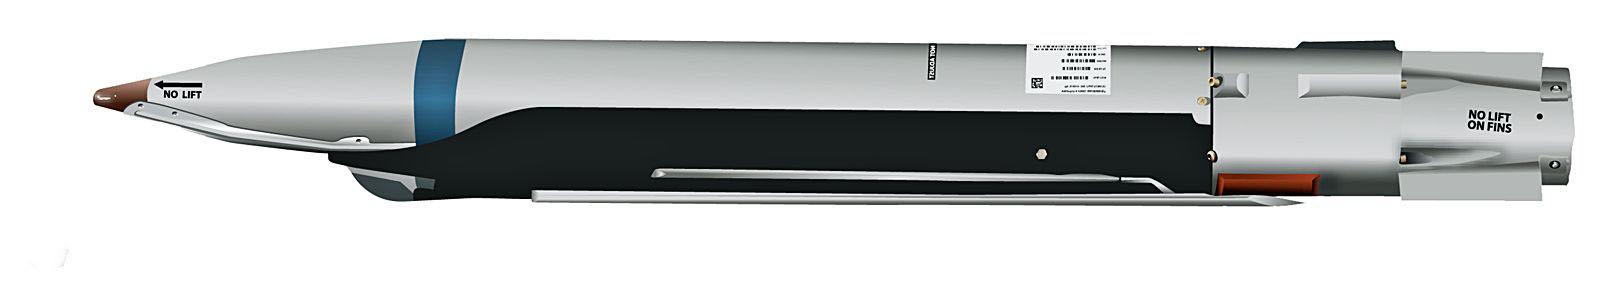 gbu-391